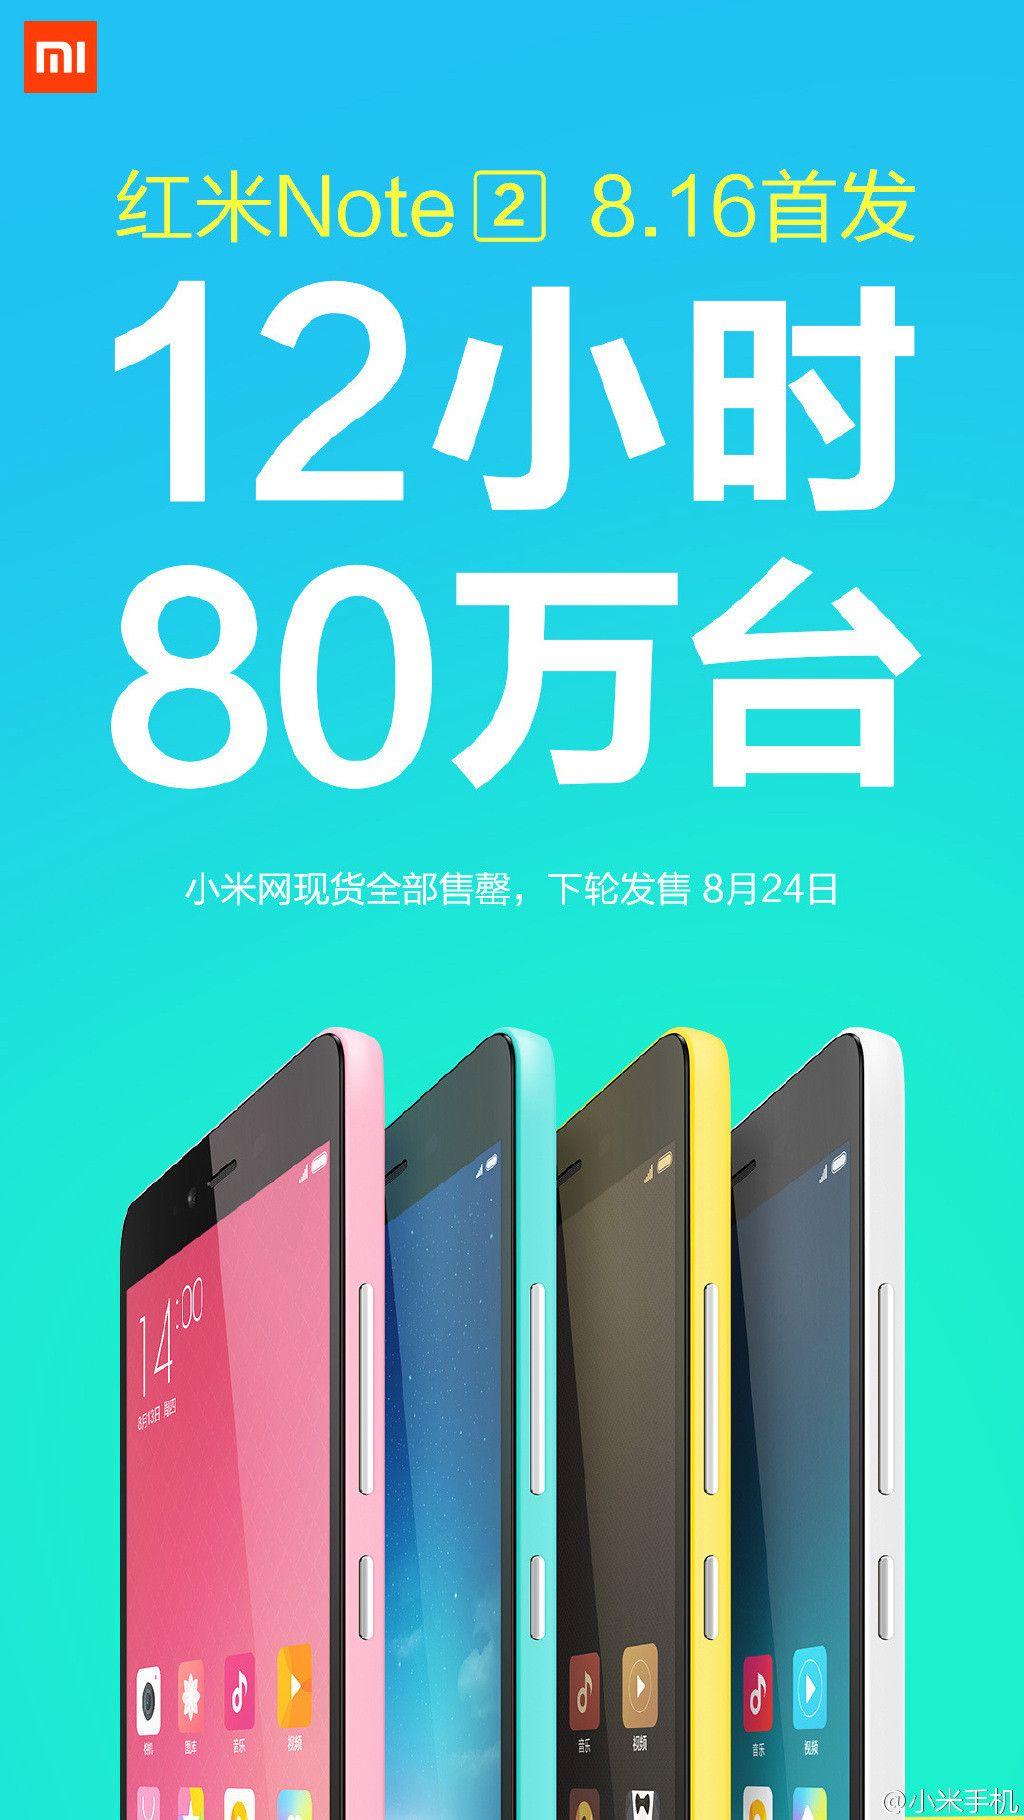 news-xiaomi_redmi_note2-1 Rekordowa sprzedaż Xiaomi Redmi Note 2